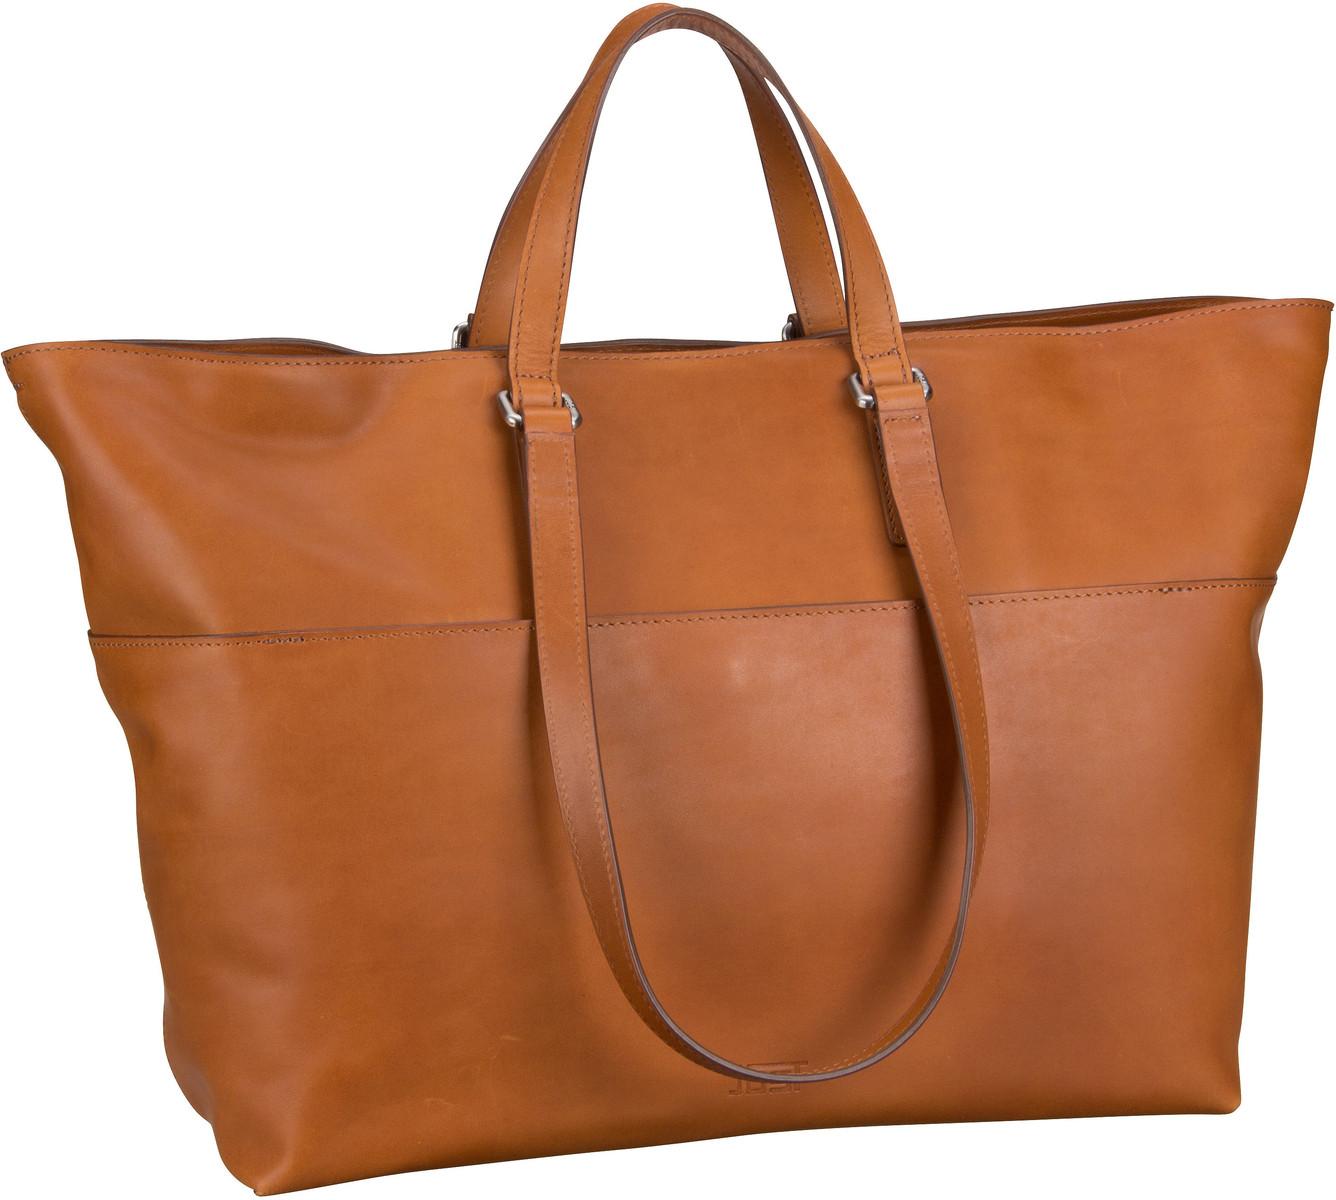 Handtasche Rana 1277 Shopper Cognac